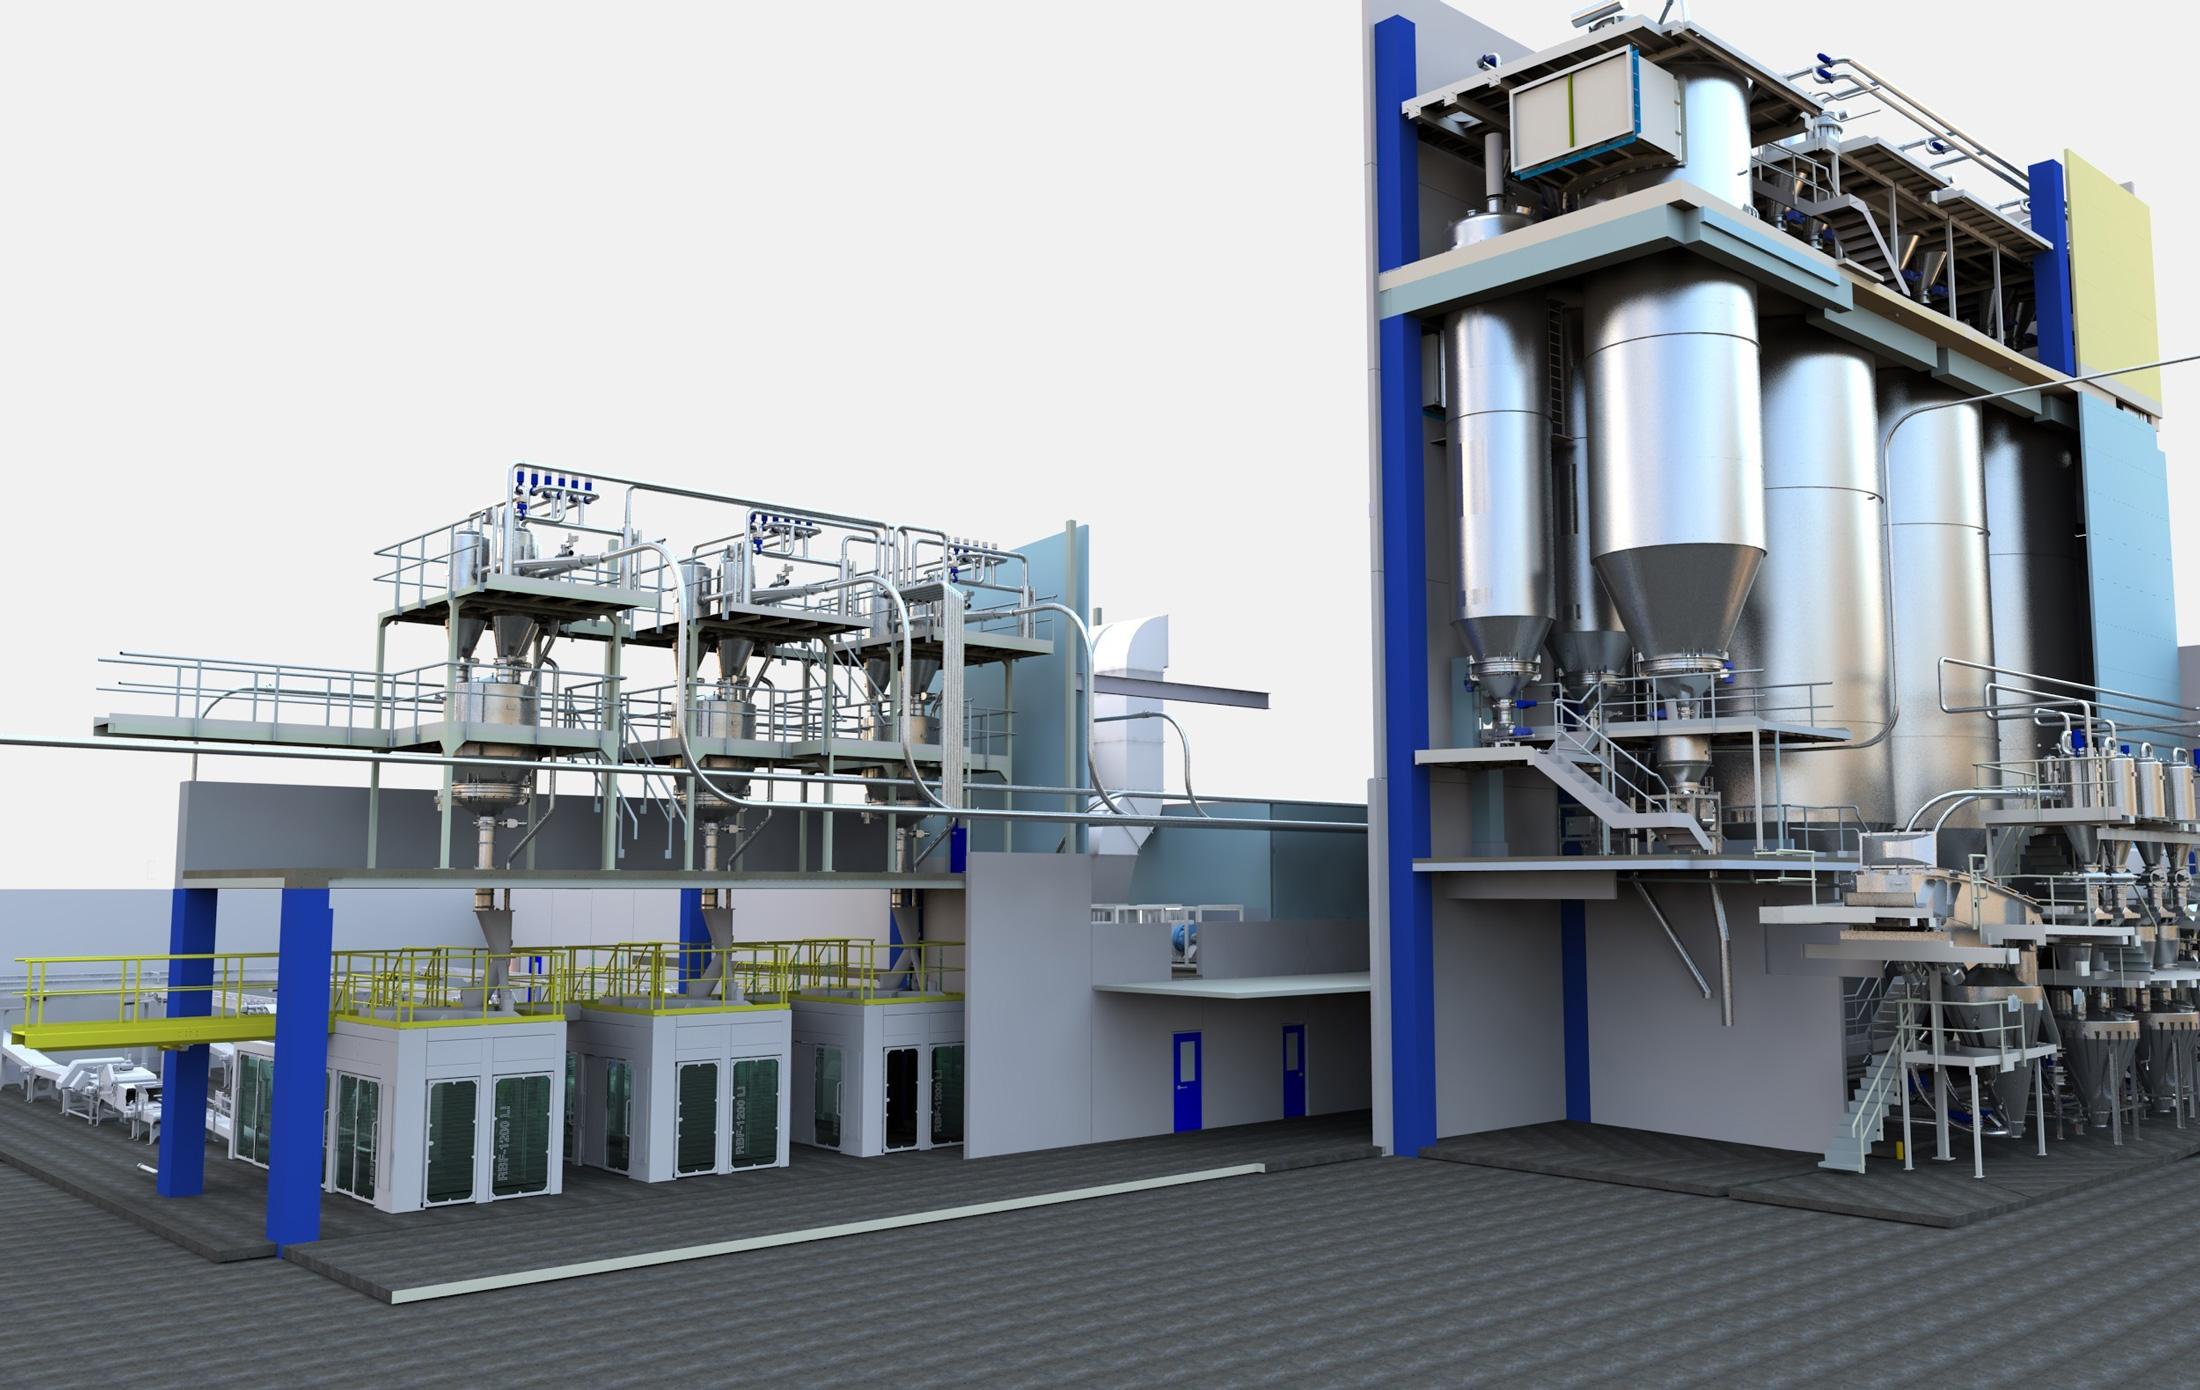 Collaboration-Tools für globale Projekte, wie z.B. Milchverarbeitungsanlagen in Neuseeland